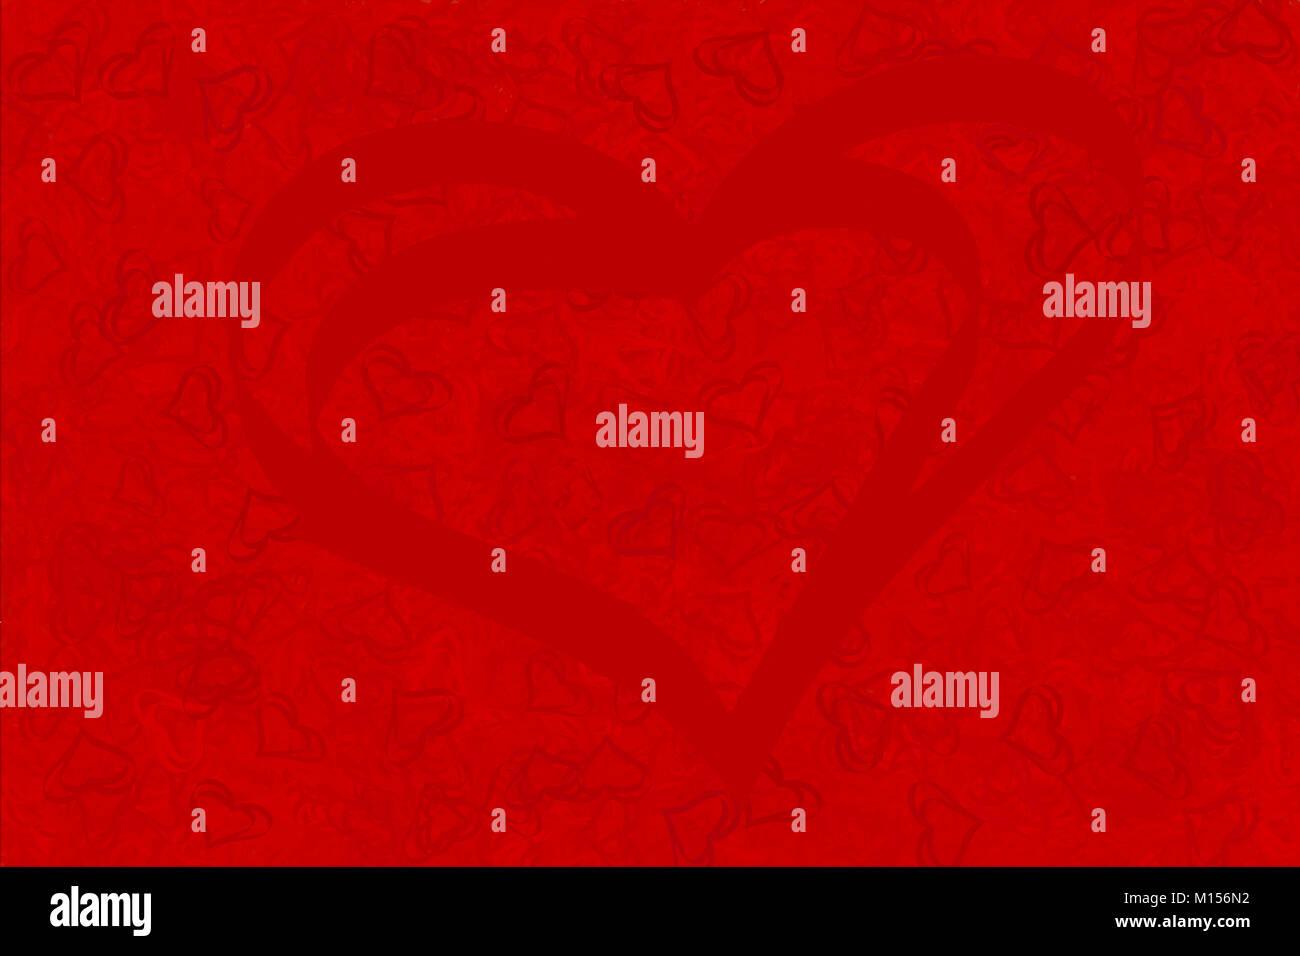 Roter Hintergrund Von Roten Herzen Fur Bildschirmschoner Und